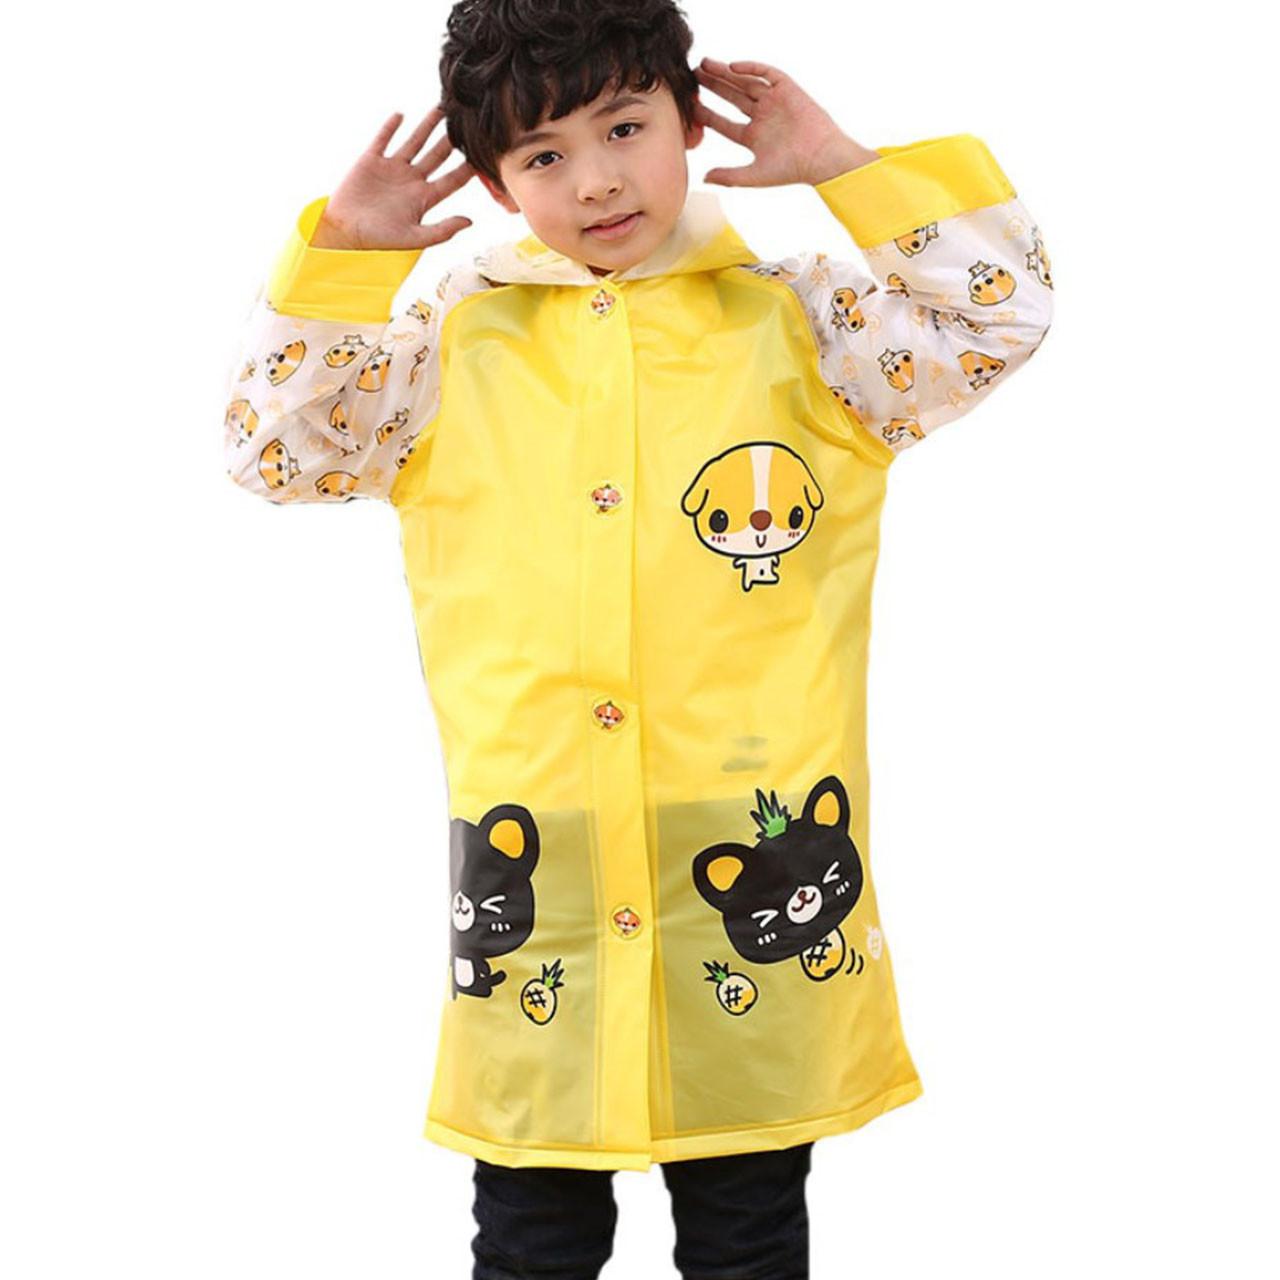 Детский плащ-дождевик Lesko водонепроницаемый с местом под рюкзак желтый размер XXL многоразовая защита